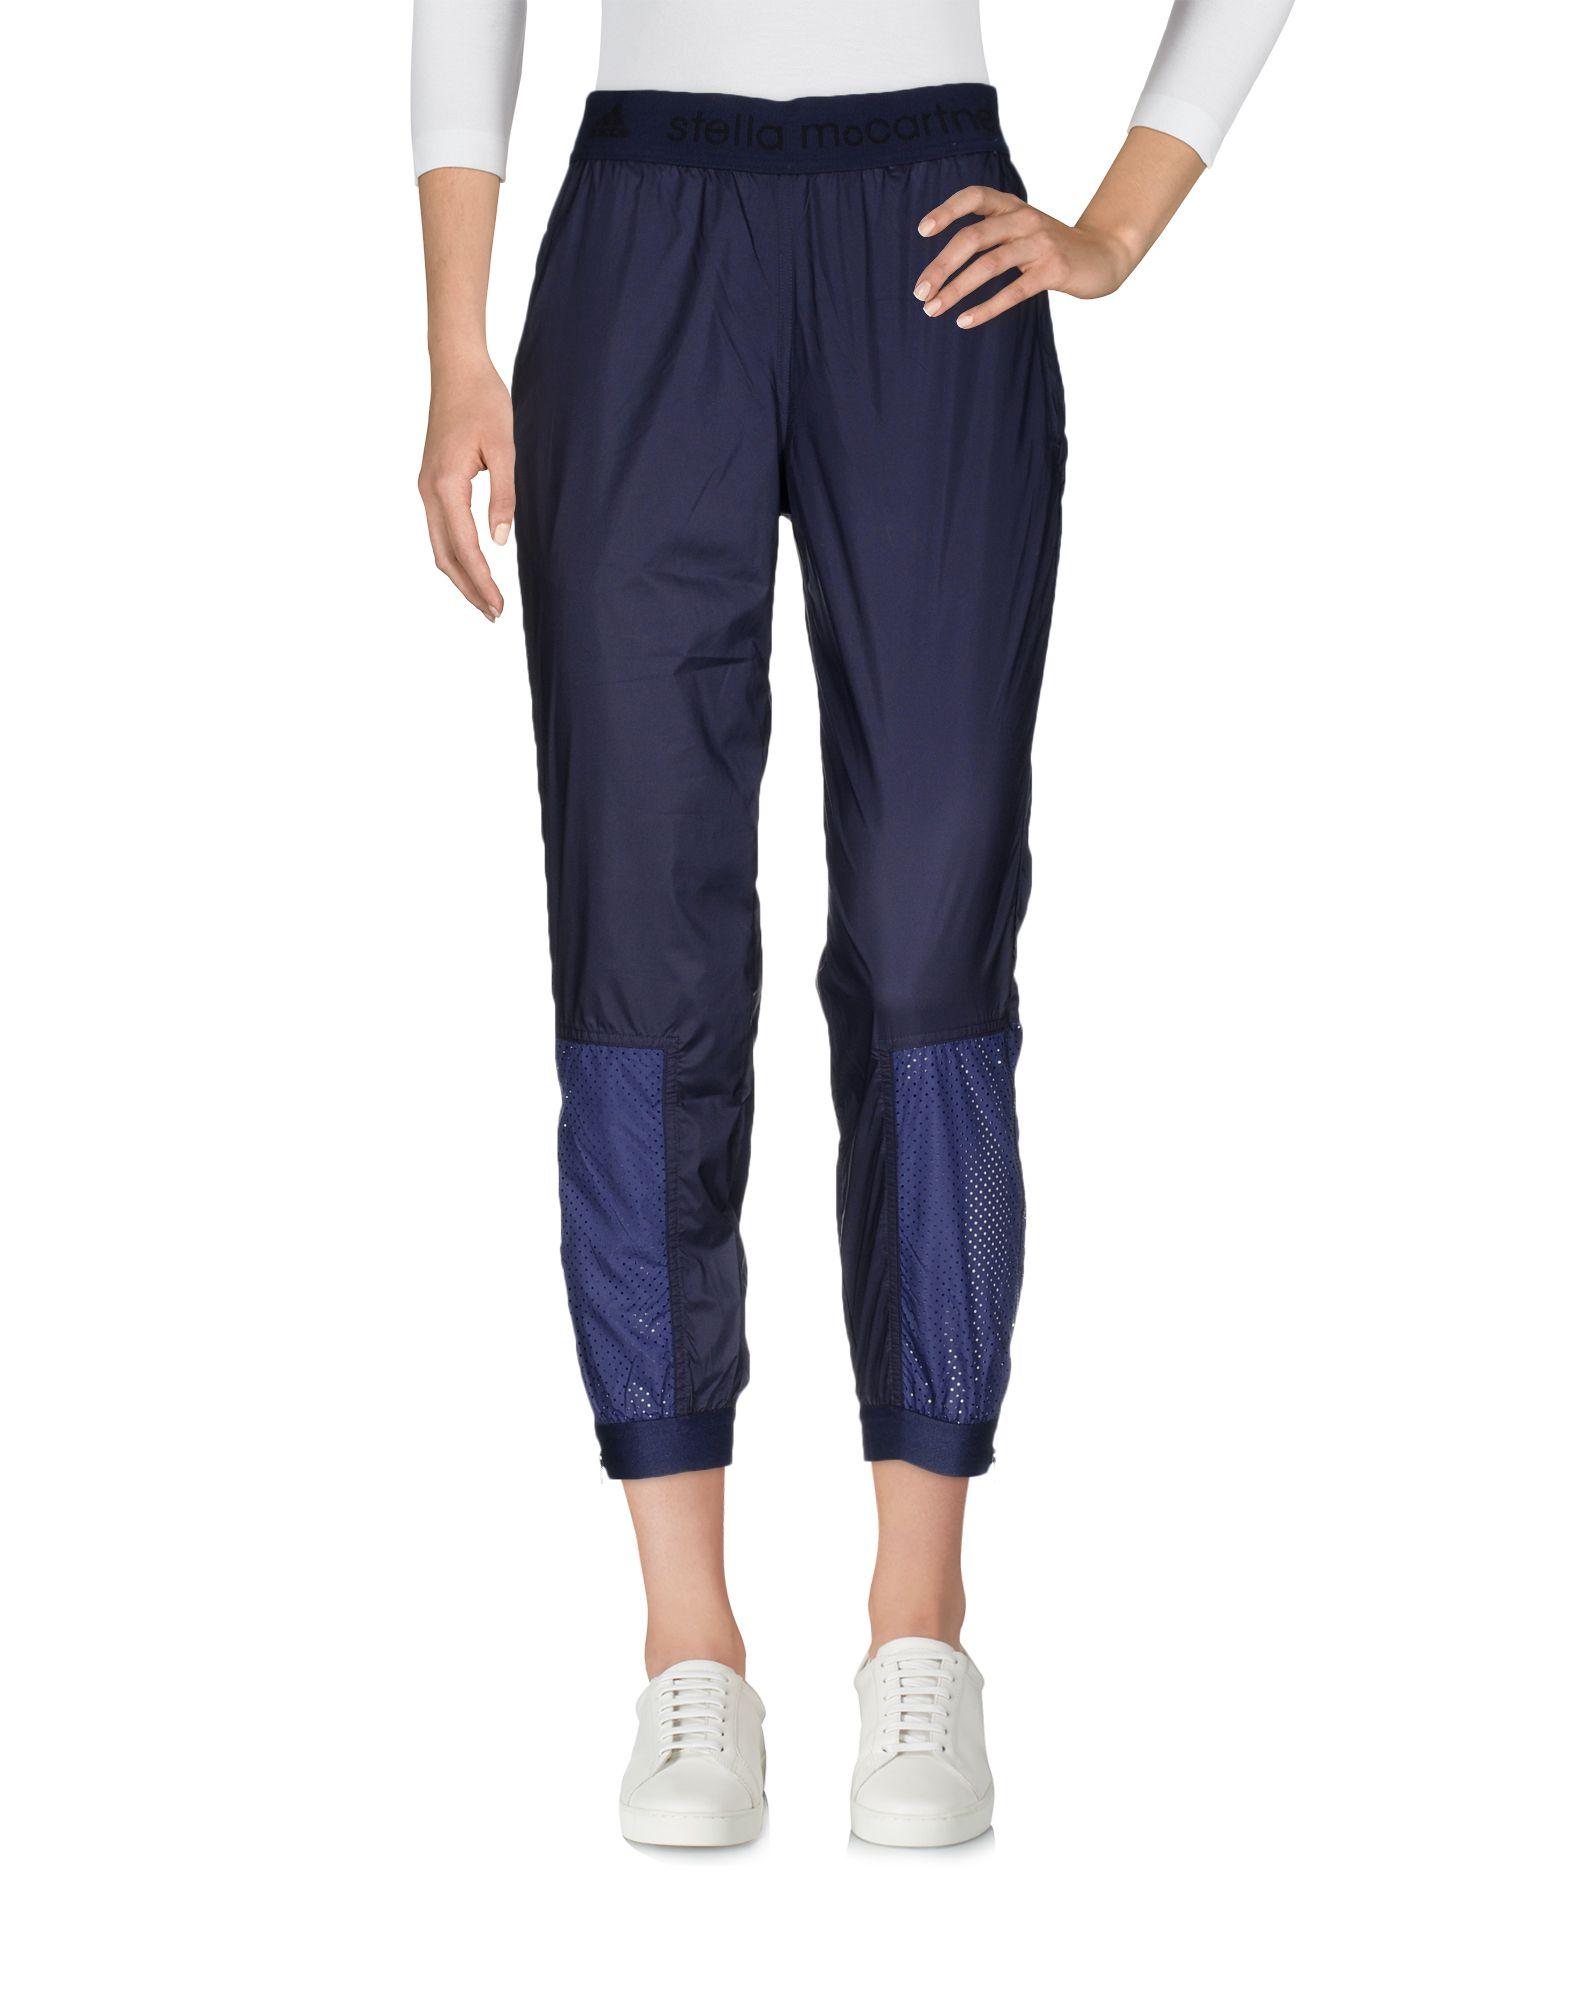 Pantalone Adidas By Yoox Mccartney Online Stella Su Donna Acquista FACUF